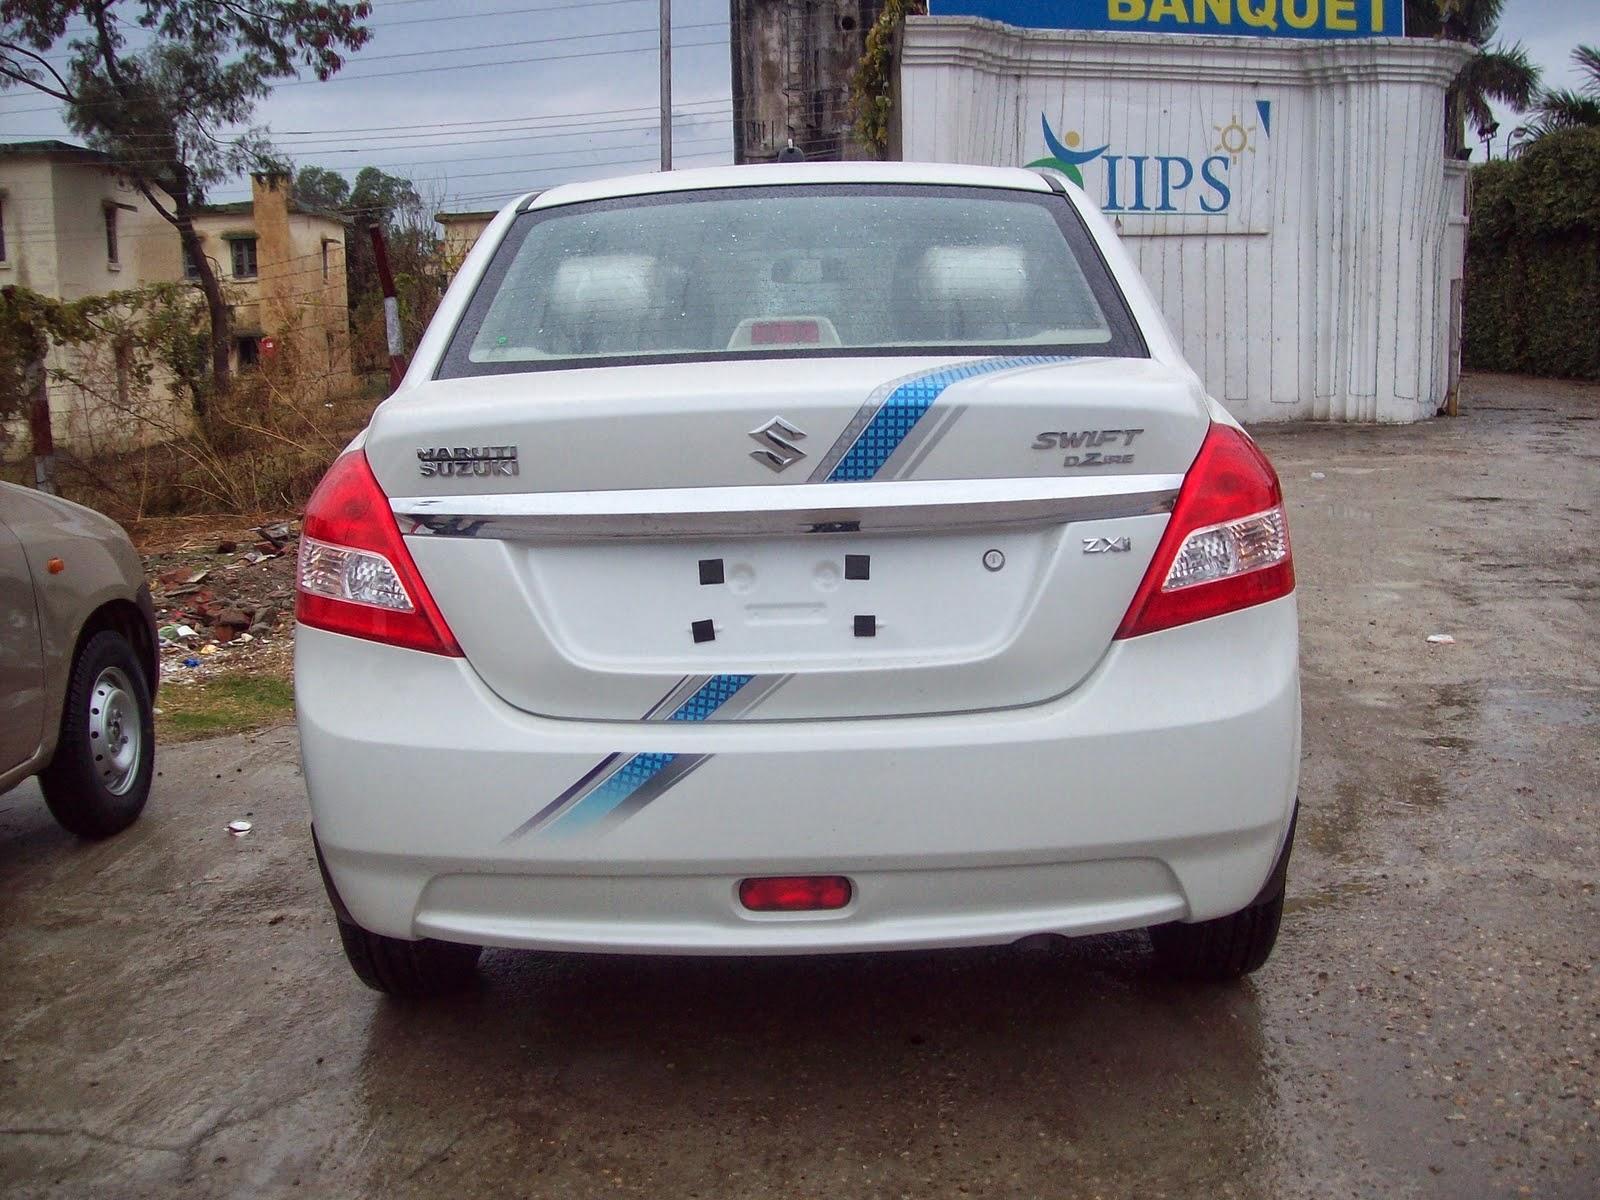 Car sticker design in bangalore - Maruti Swift Dzire Oe Full Stickering Designs